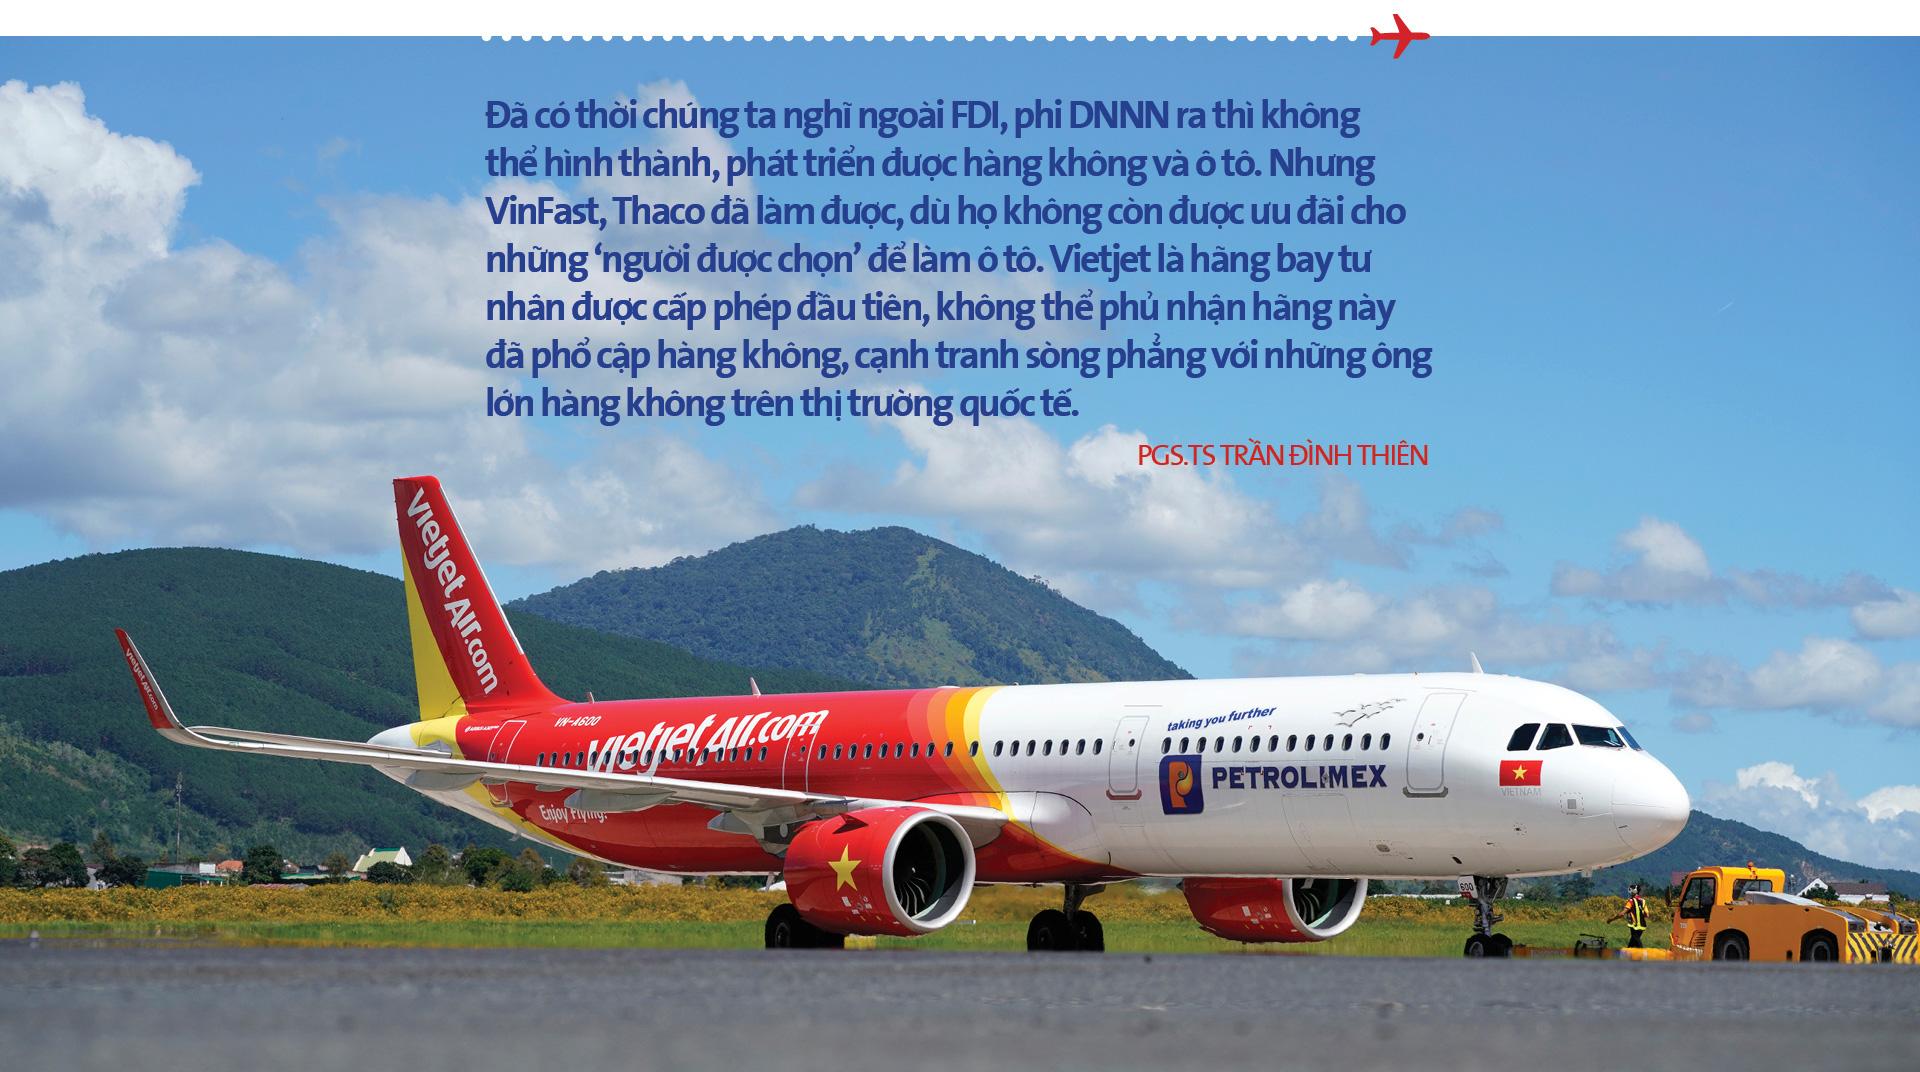 'Lựa chọn hỗ trợ hàng không vì tương lai của đất nước' - Ảnh 10.